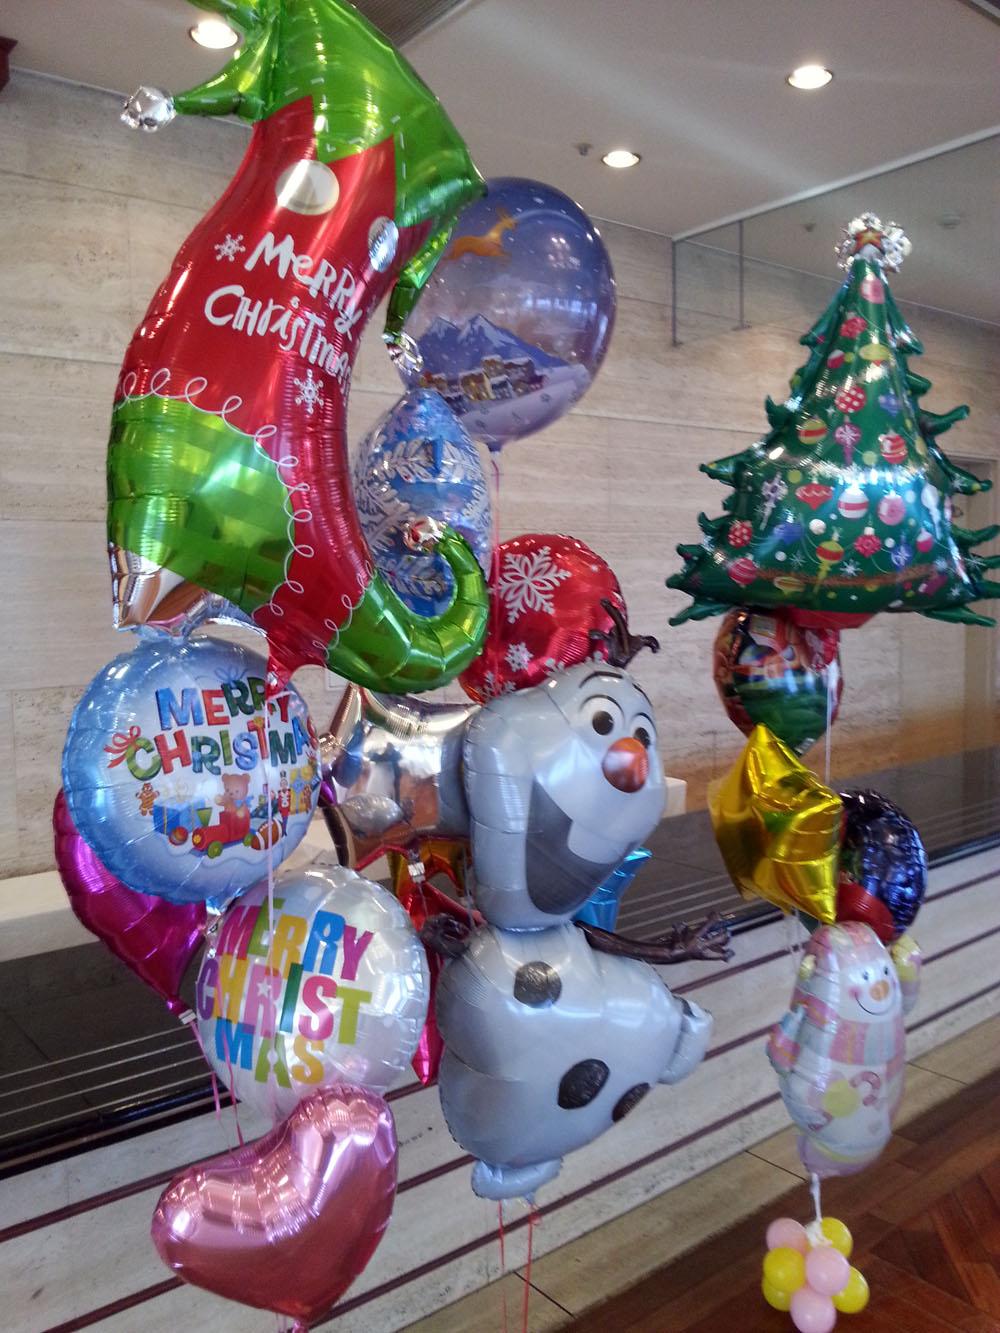 クリスマスパーティー用バルーン